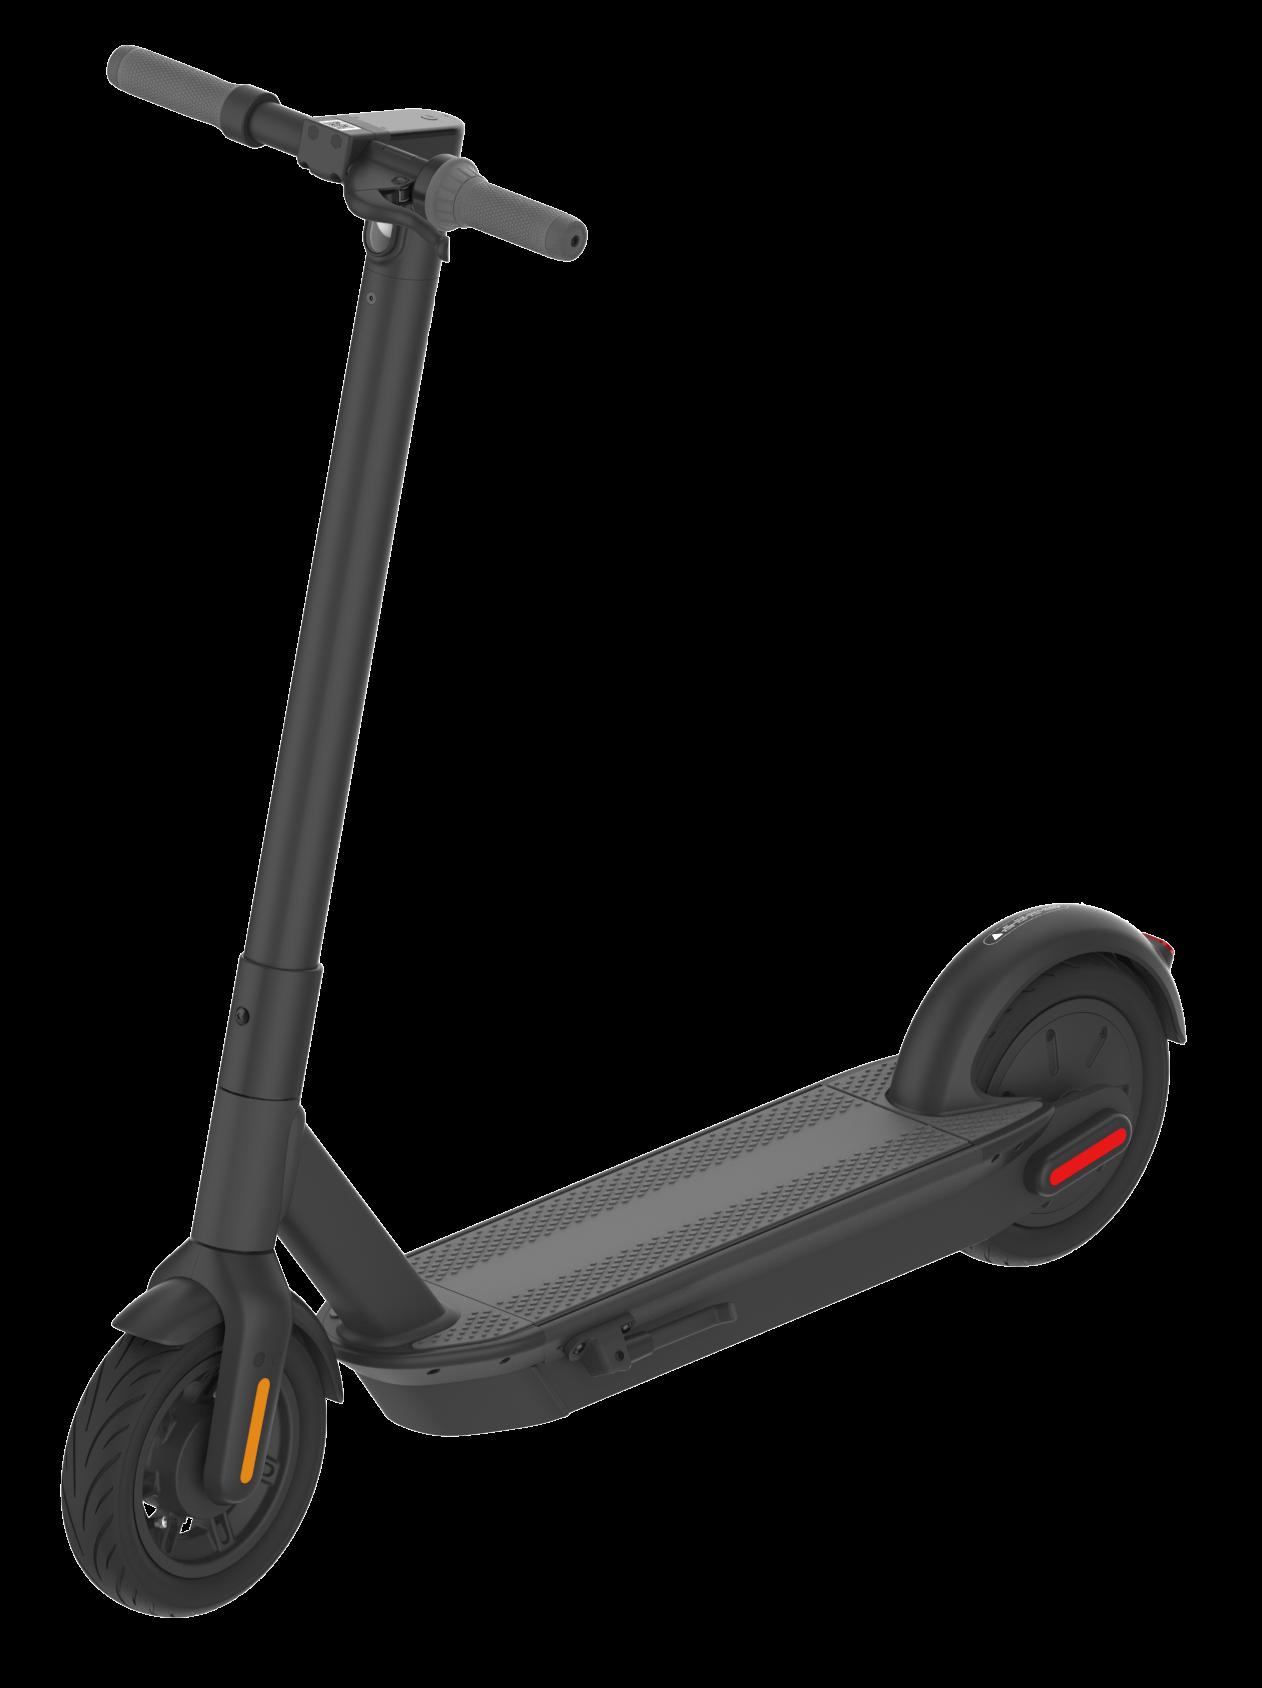 Segway Max Pro Model